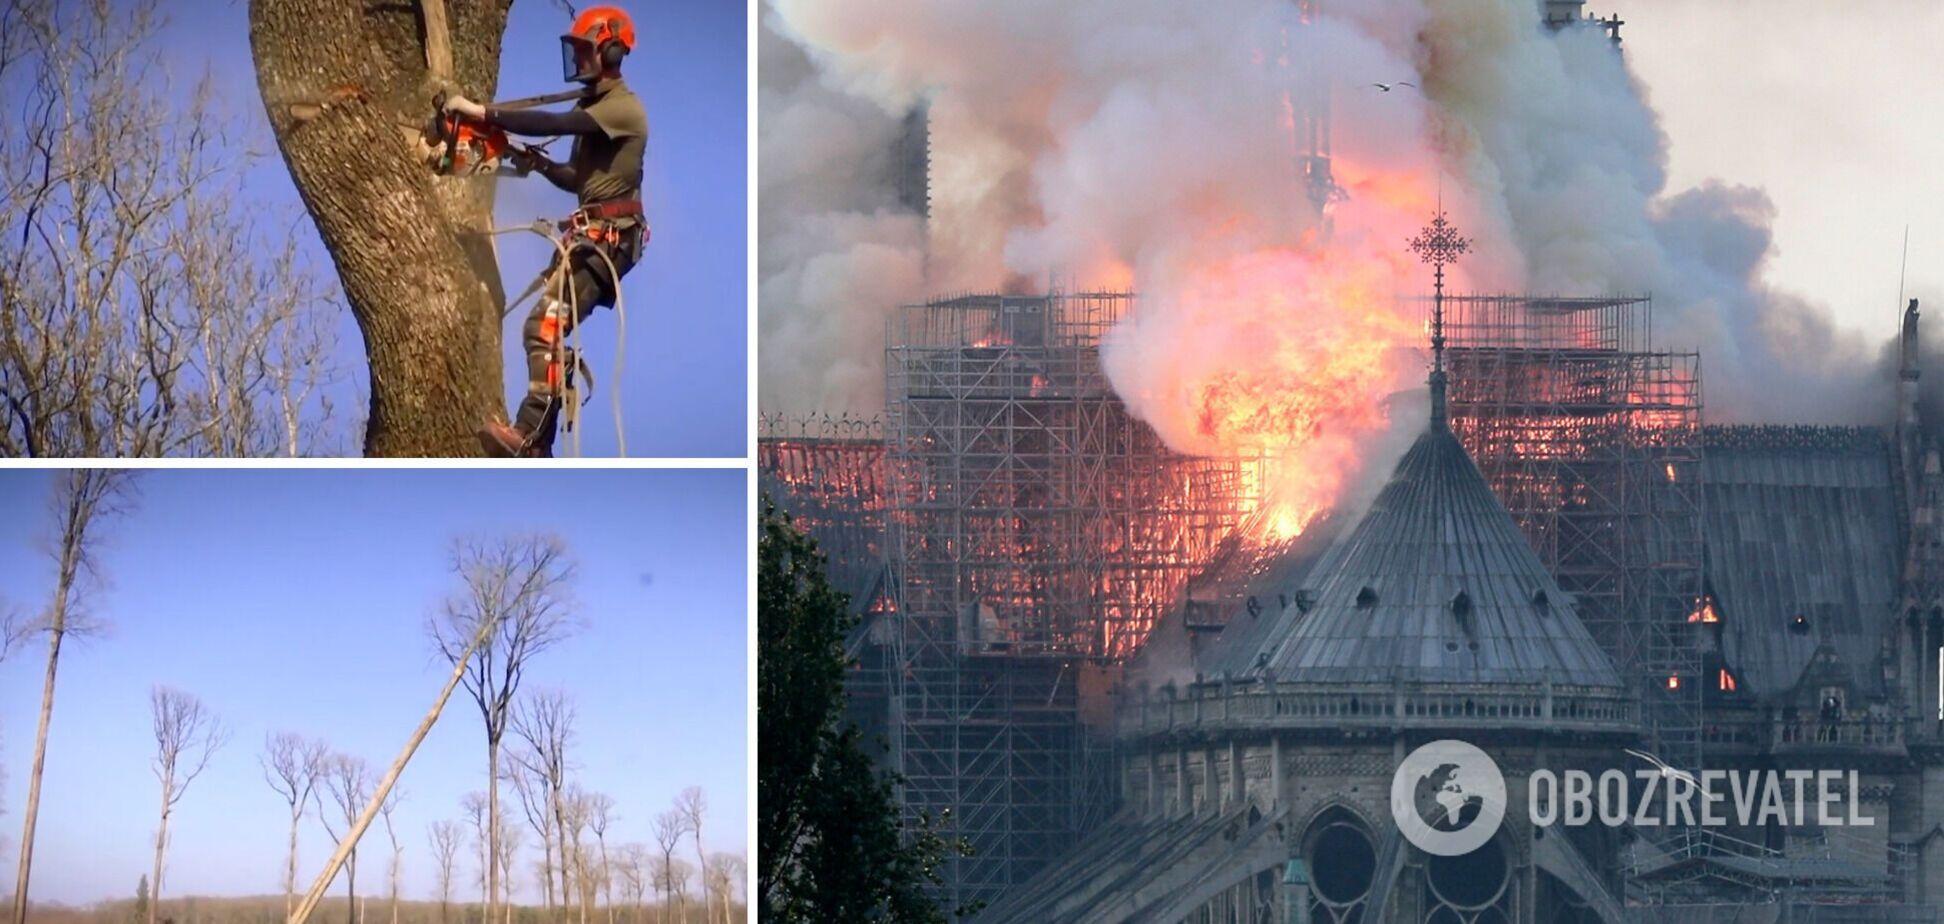 Во Франции срезали 200-летние дубы для сгоревшего собора Парижской Богоматери. Фото и видео